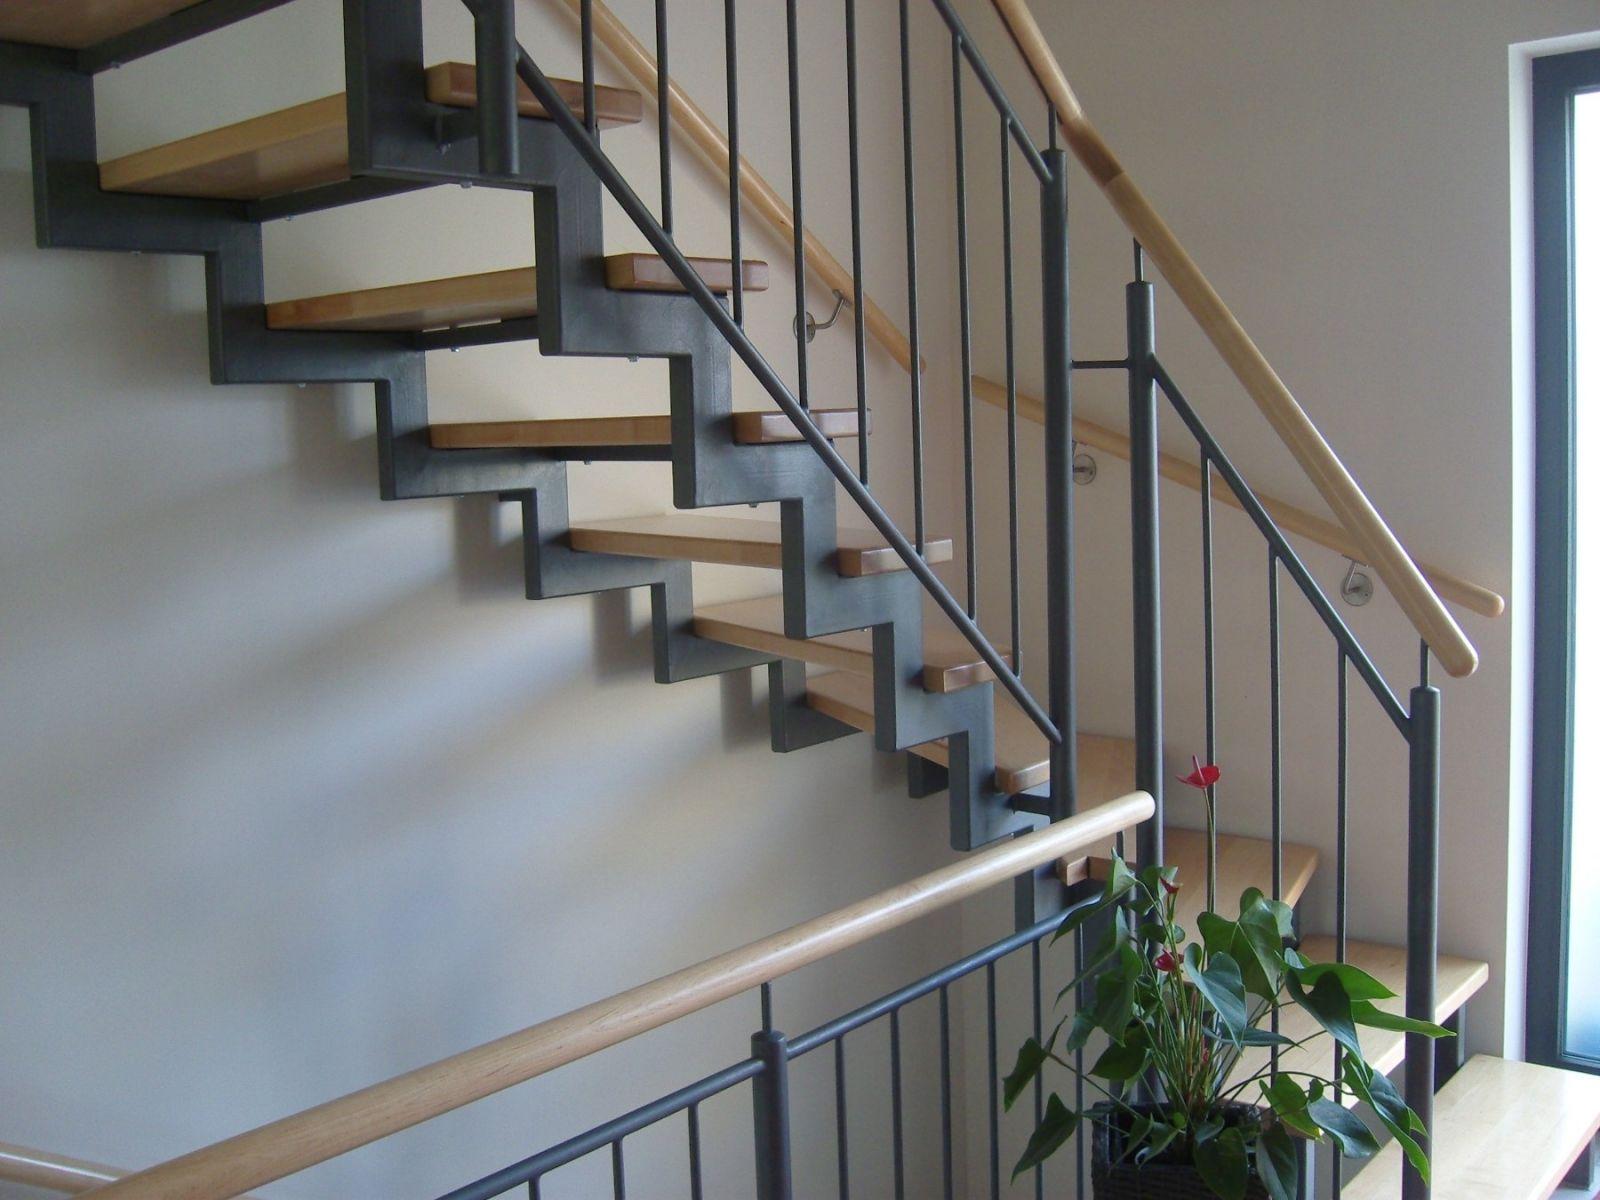 willkommen bei der klaus treppenbau gmbh klaus. Black Bedroom Furniture Sets. Home Design Ideas